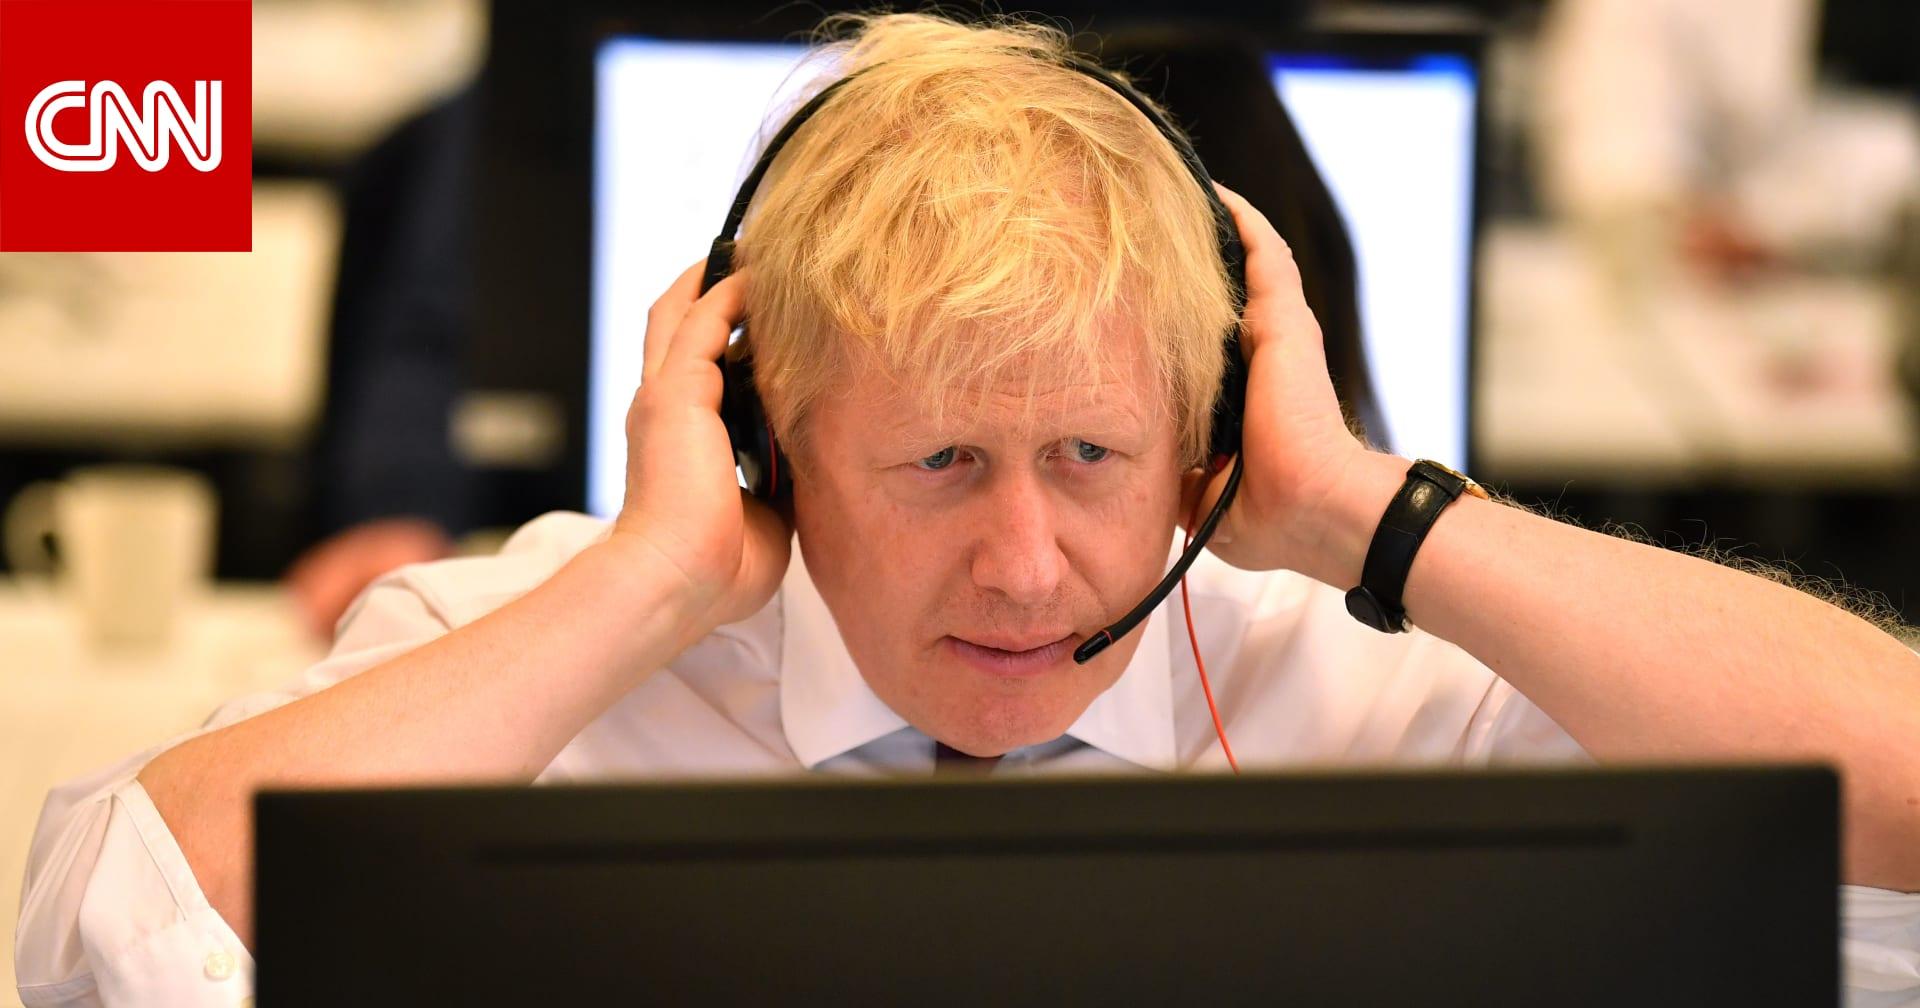 مسؤولو الحكومة البريطانية يحذفون رسائل واتساب.. هل يجب السماح لهم بذلك؟